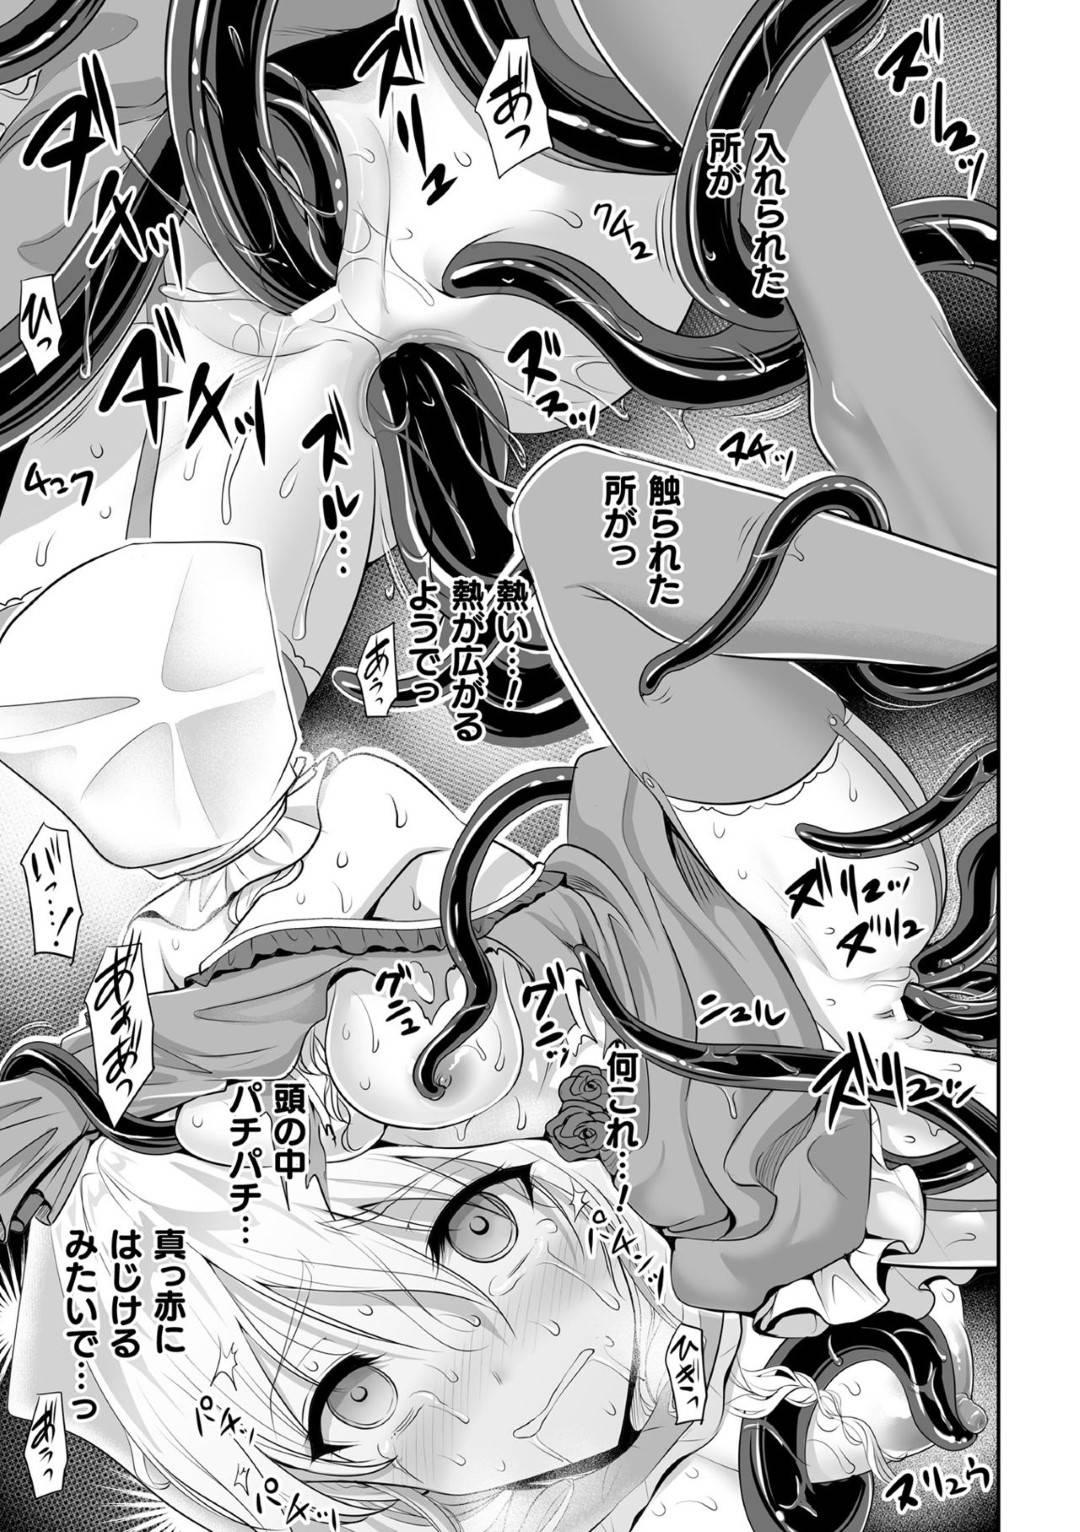 【エロ漫画】国民達の日常を観察して城に帰る馬車の中でうたた寝してしまった巨乳お姫様…目を覚ますと顔には袋が被せられ身体の自由は拘束され奪われてしまっていた!【孫陽州:袋姫触辱】